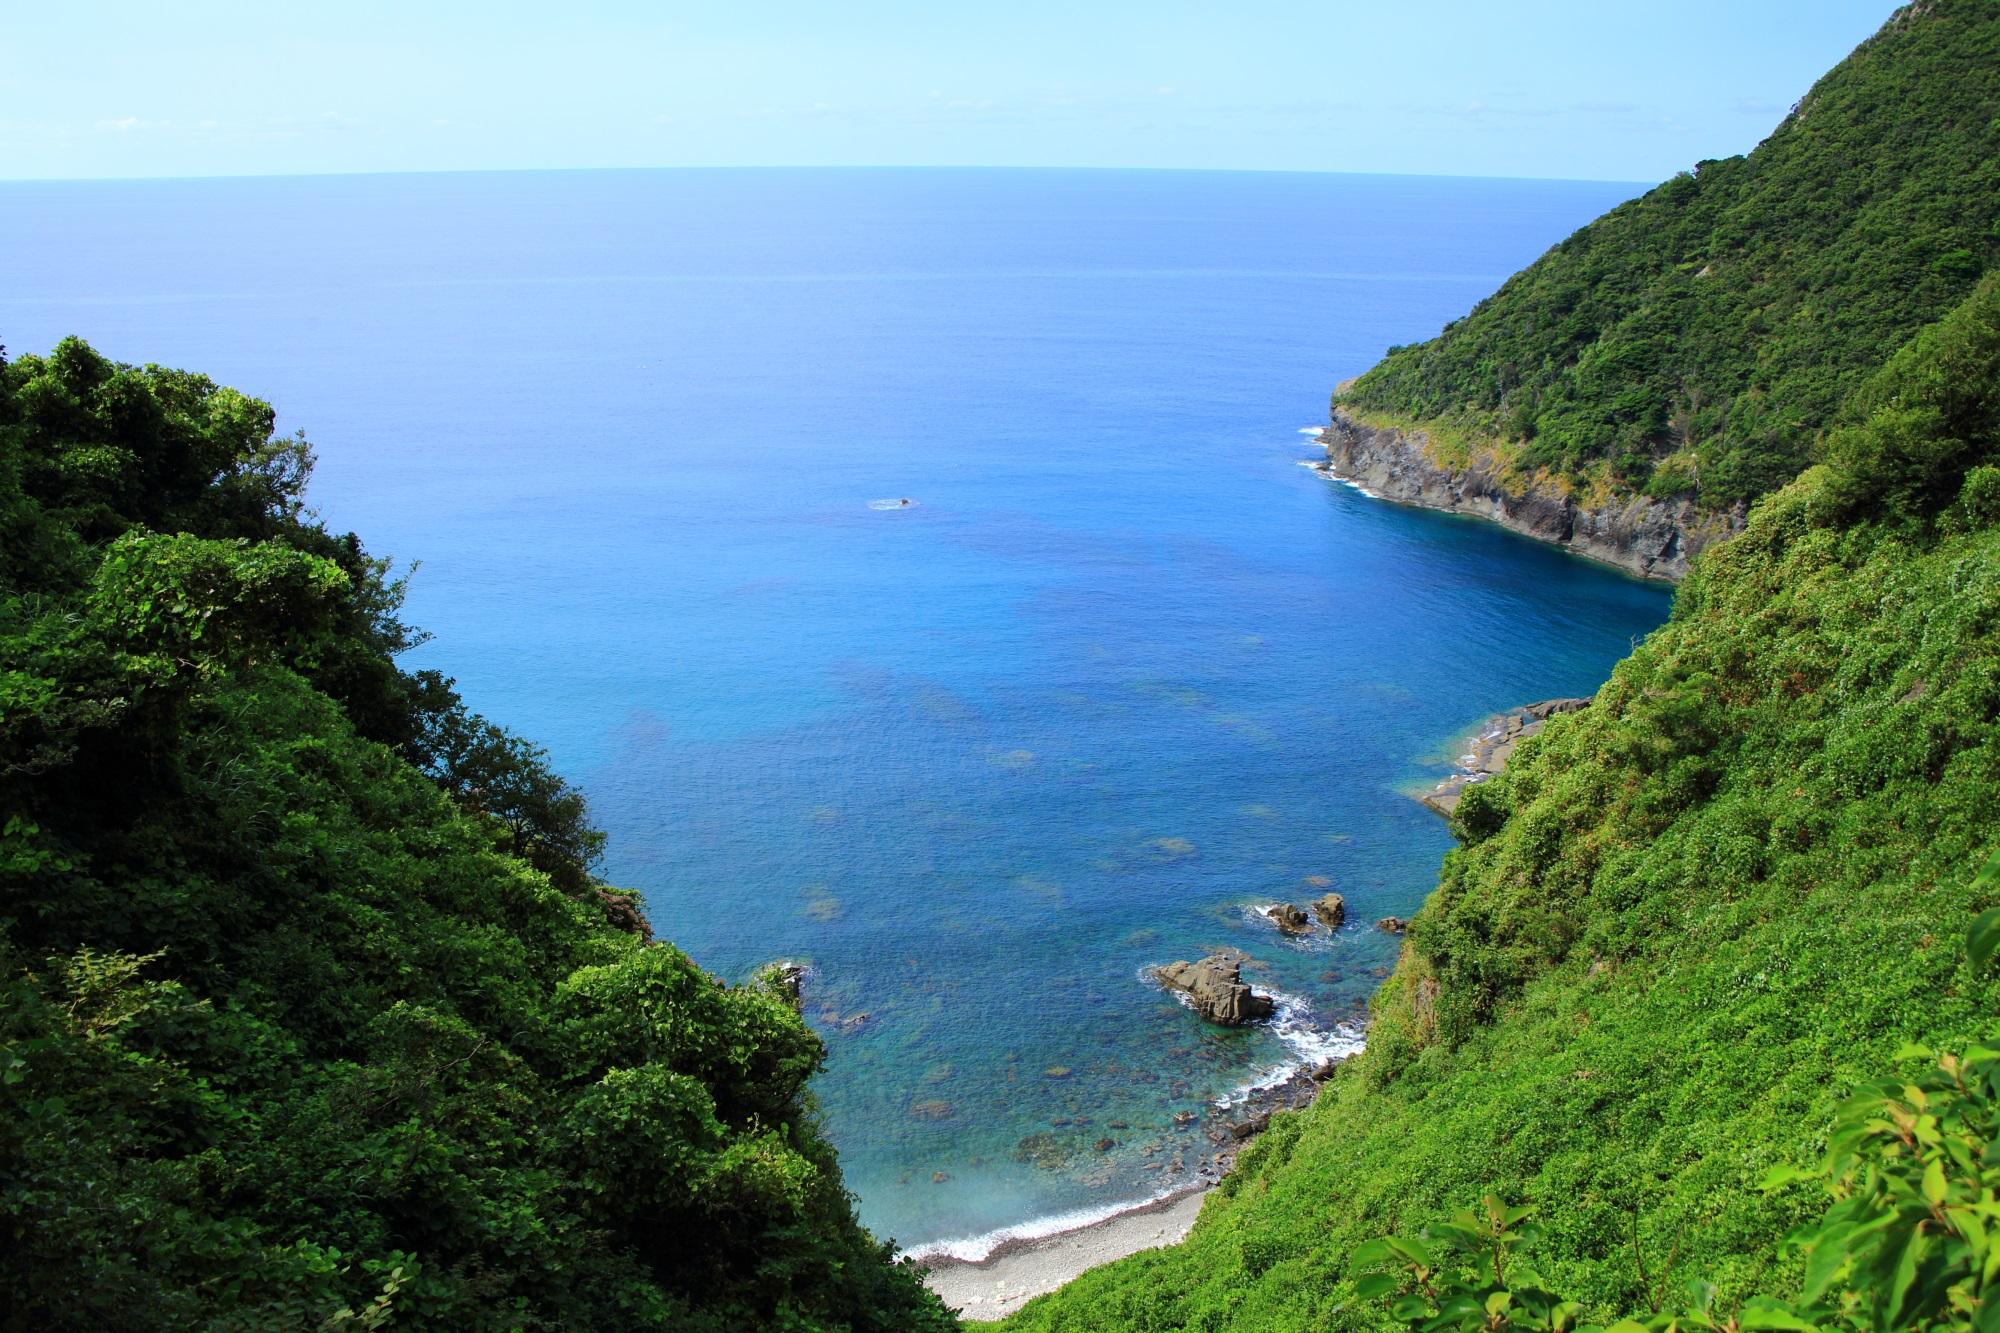 犬ヶ岬の緑豊かな海辺の隠れた絶景